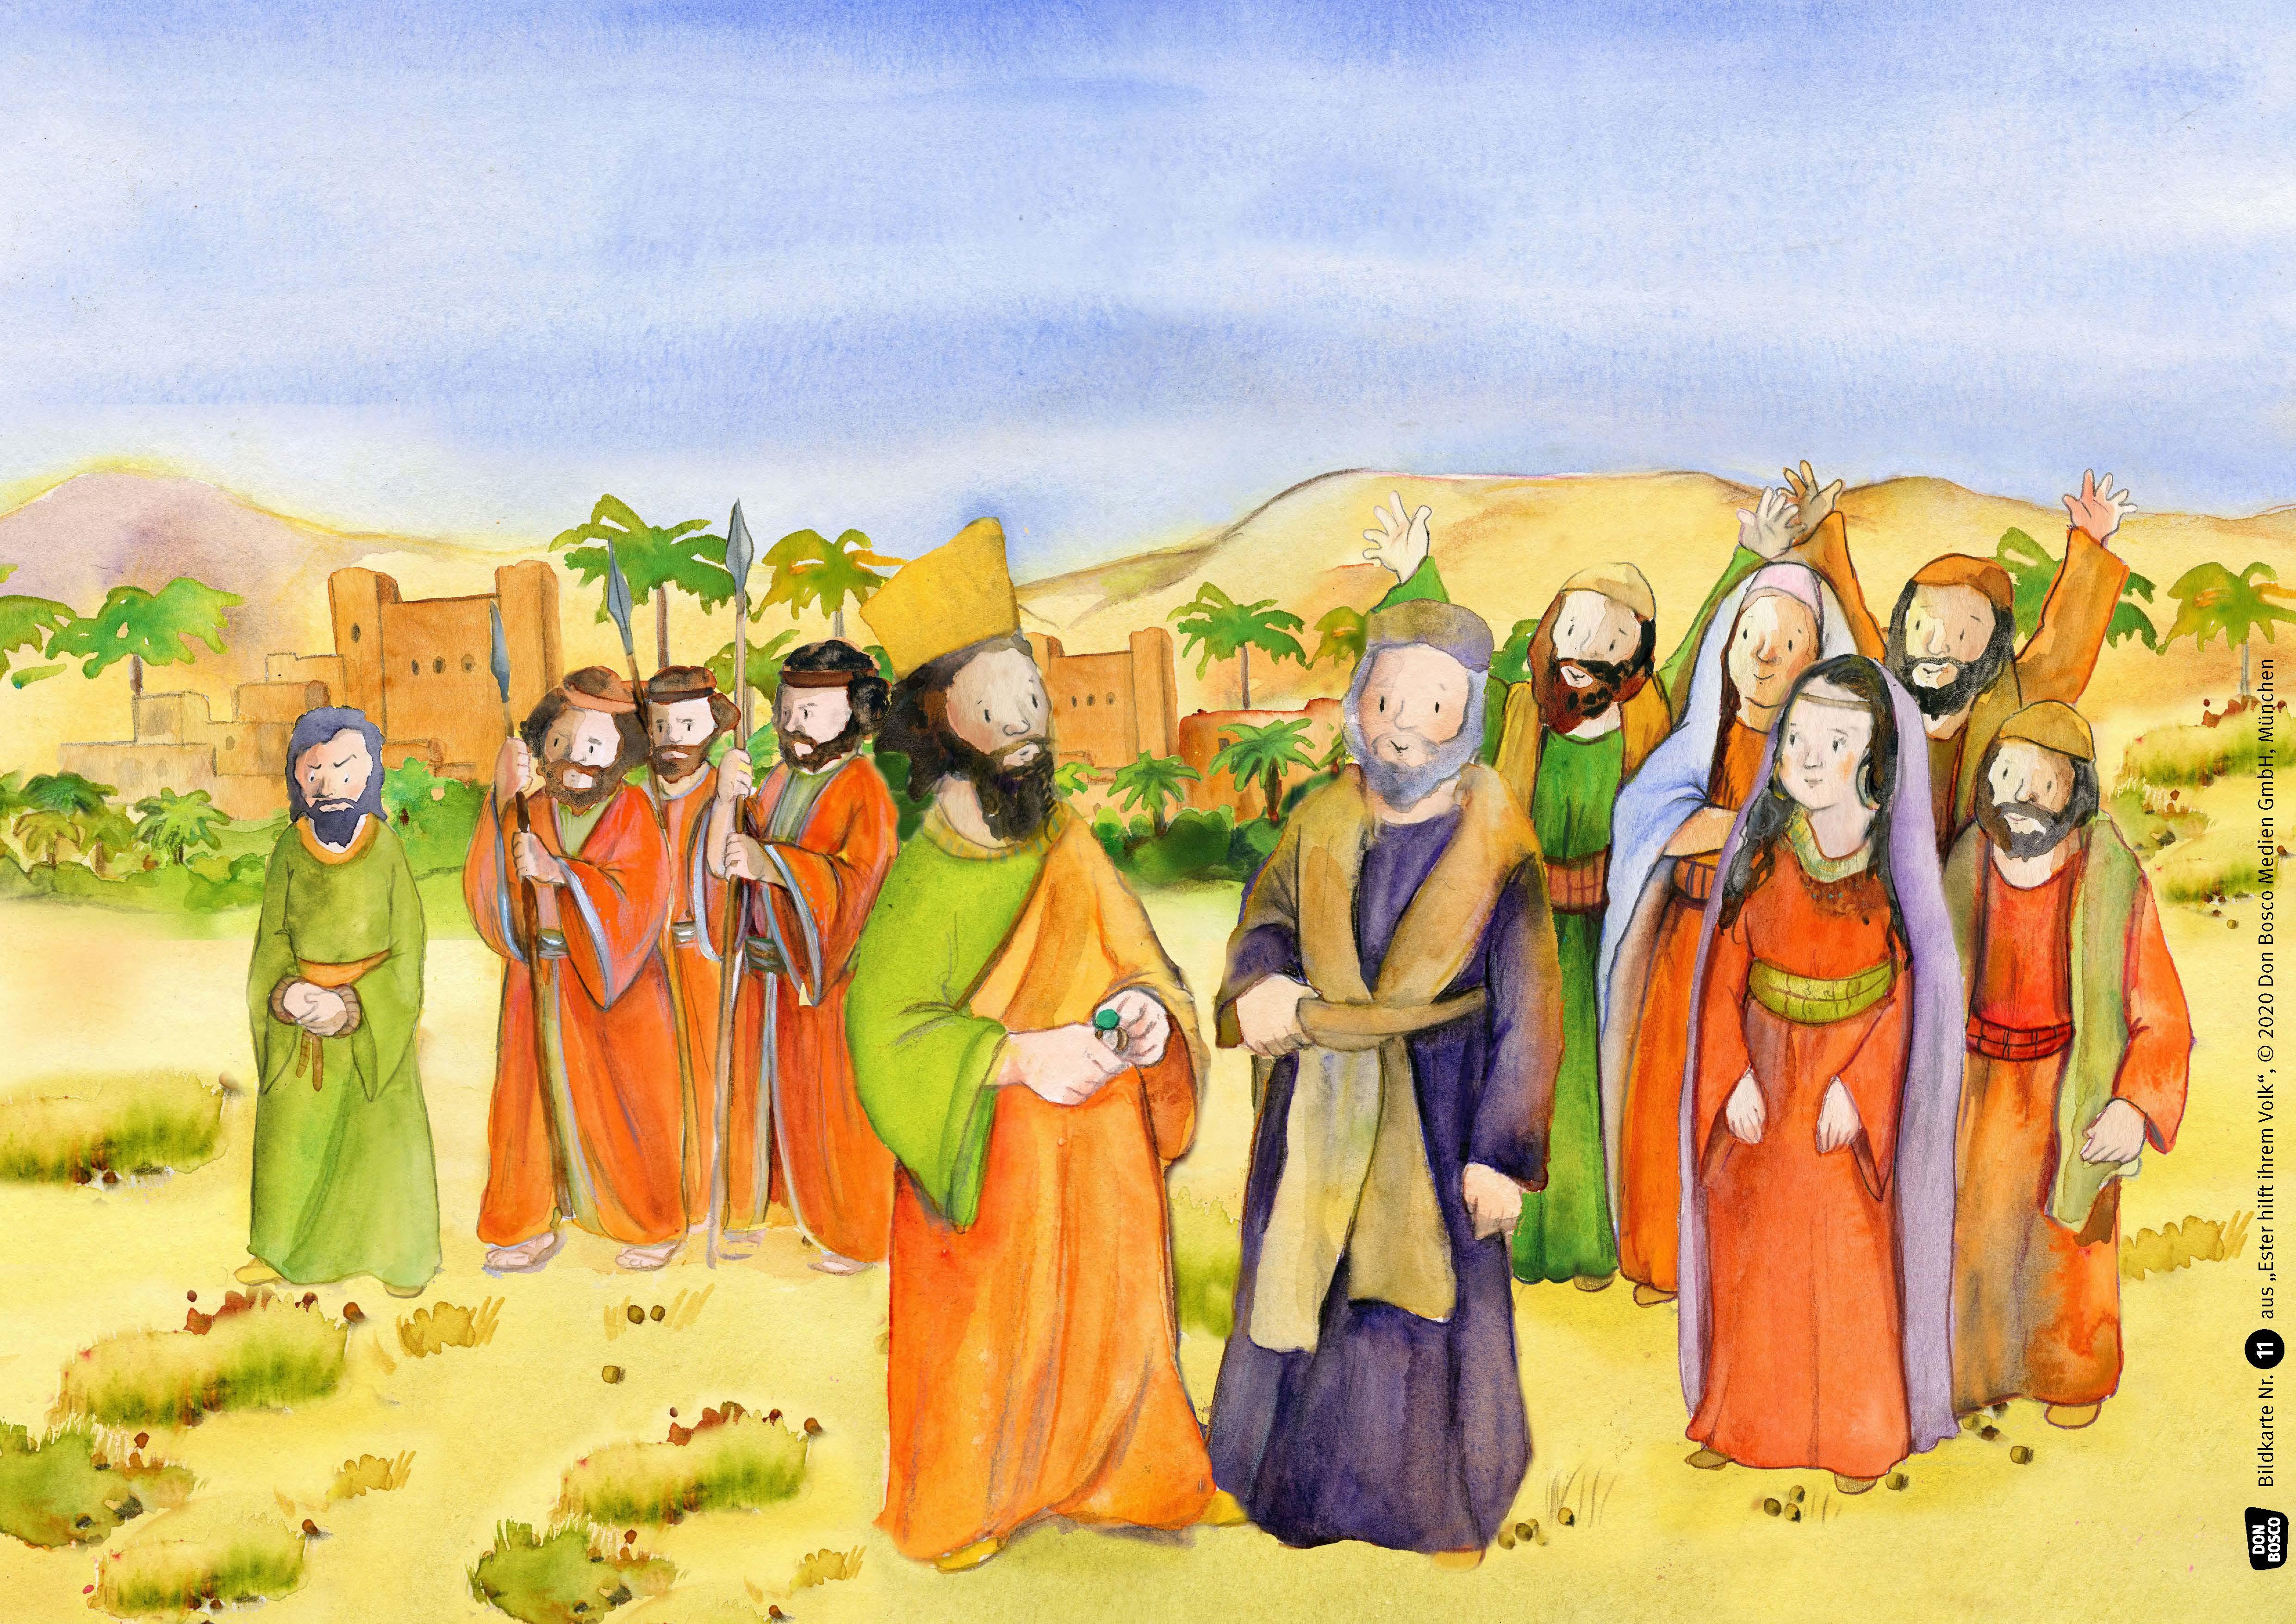 Innenansicht zu Ester hilft ihrem Volk. eKami.